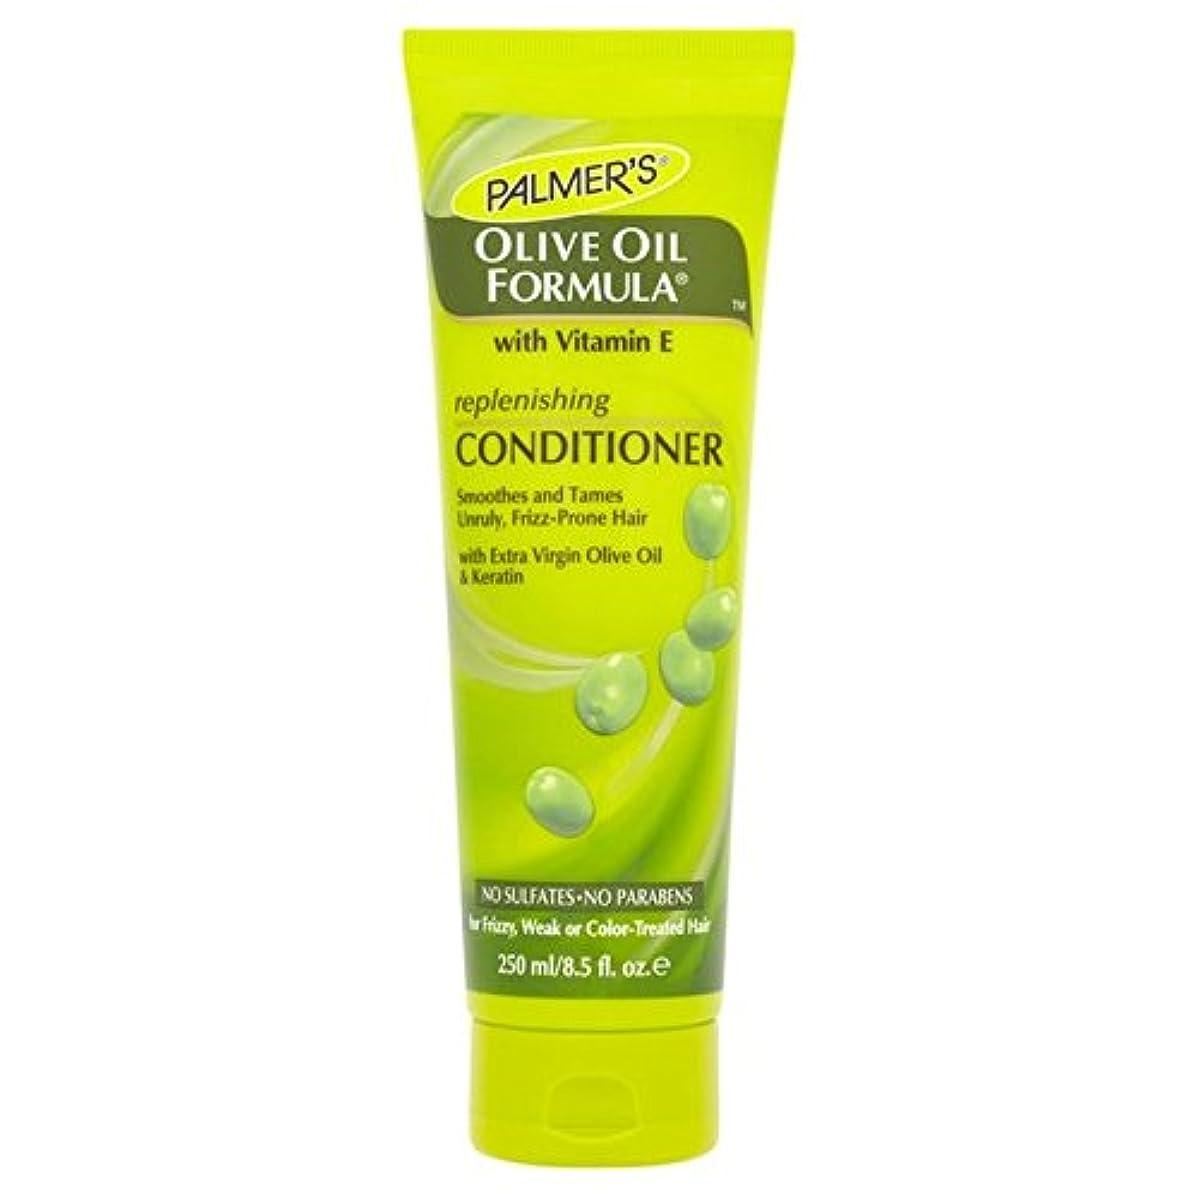 クラブ弁護士予約Palmer's Olive Oil Formula Restoring Conditioner 250ml - パーマーのオリーブオイル式リストアコンディショナー250 [並行輸入品]